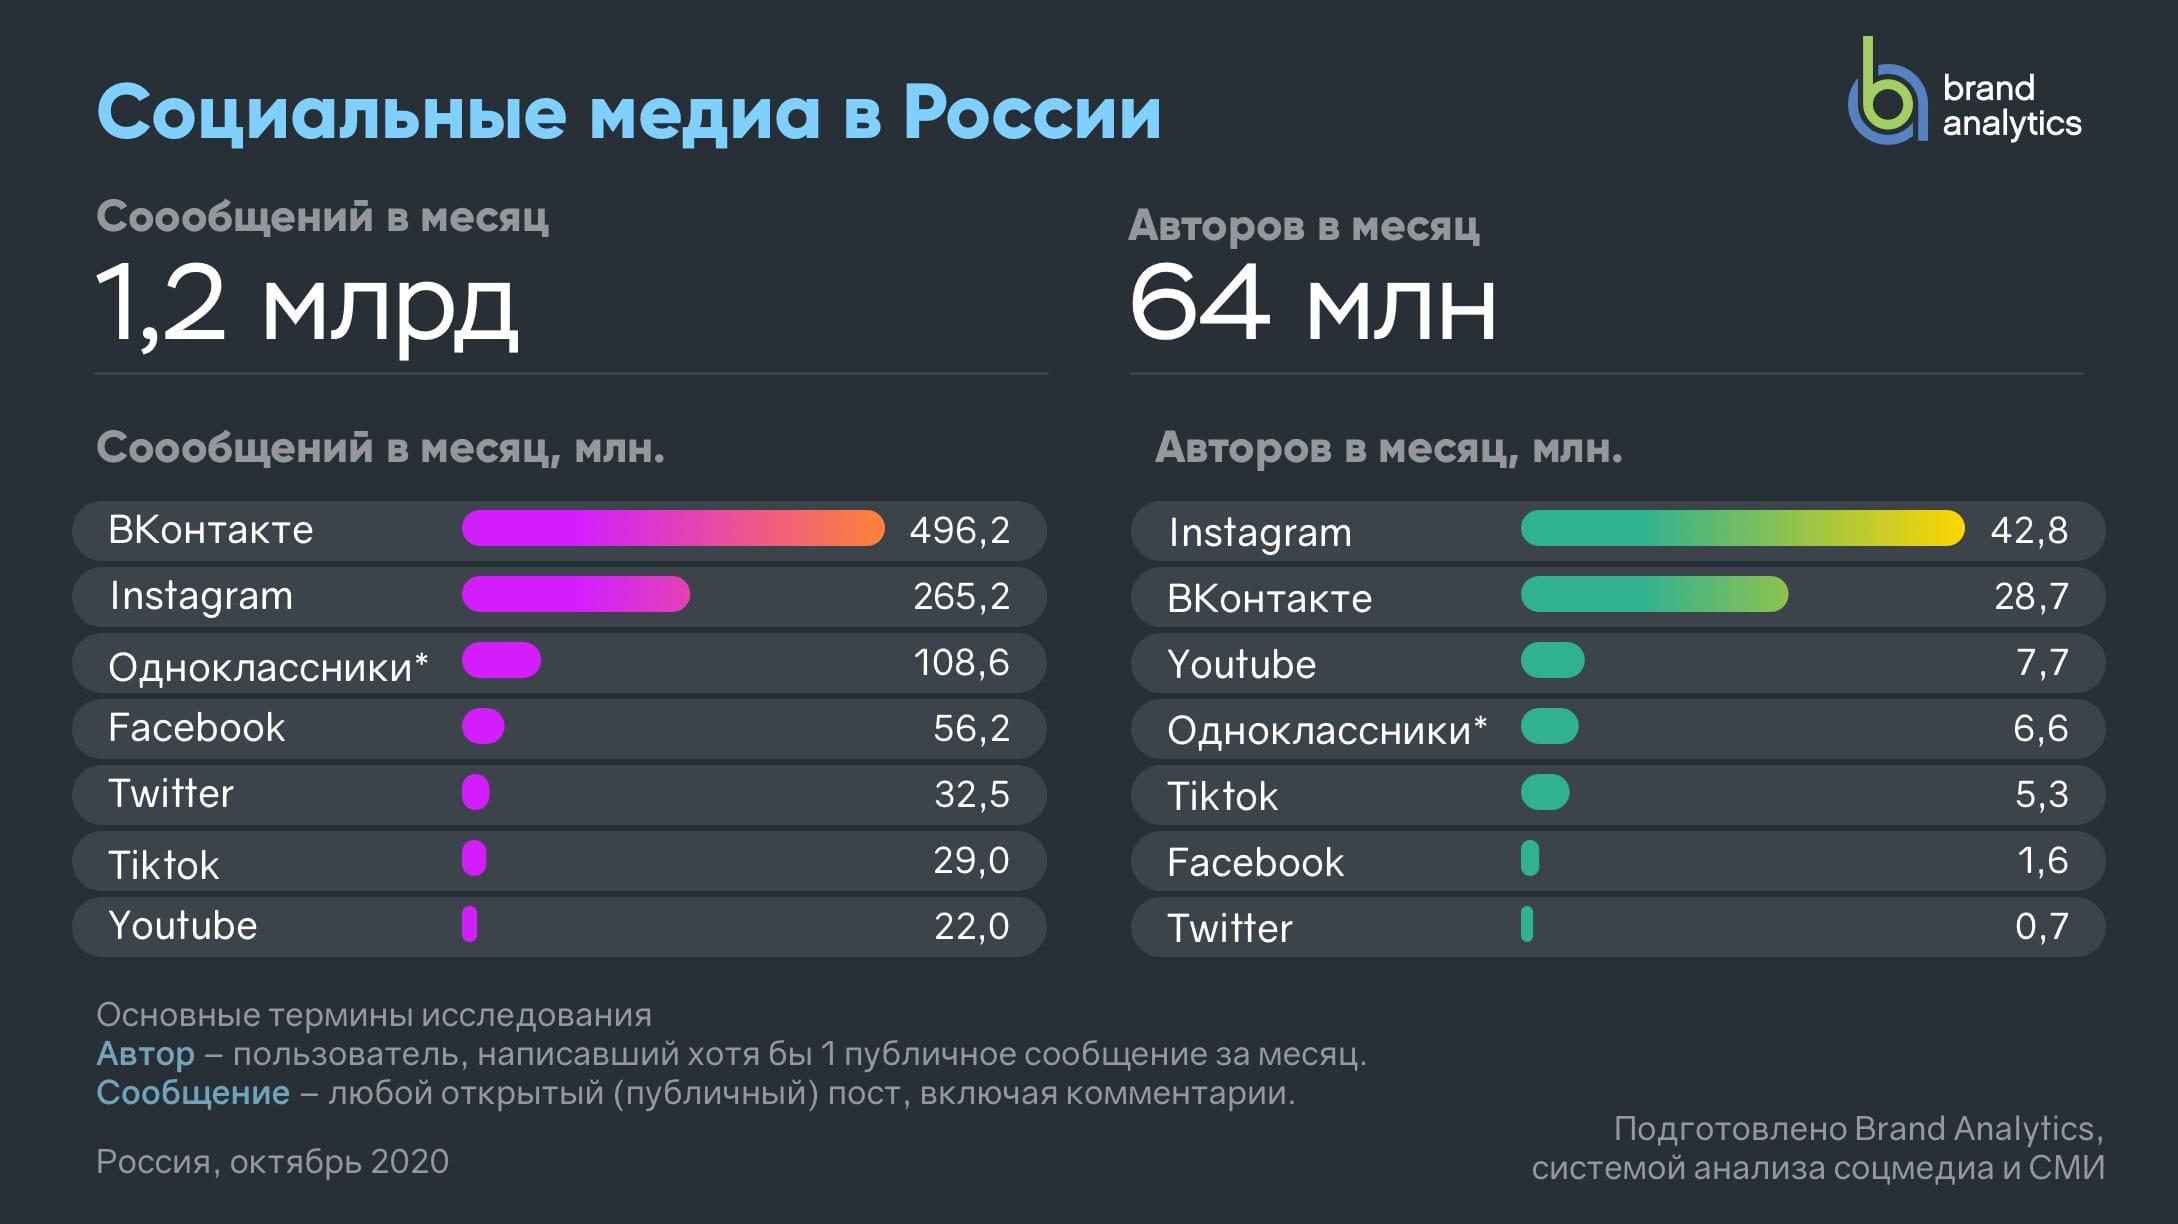 Статистика ежемесячно публикуемого контента и числа активных авторов в соцсетях за 2020 год от Brand Analytics